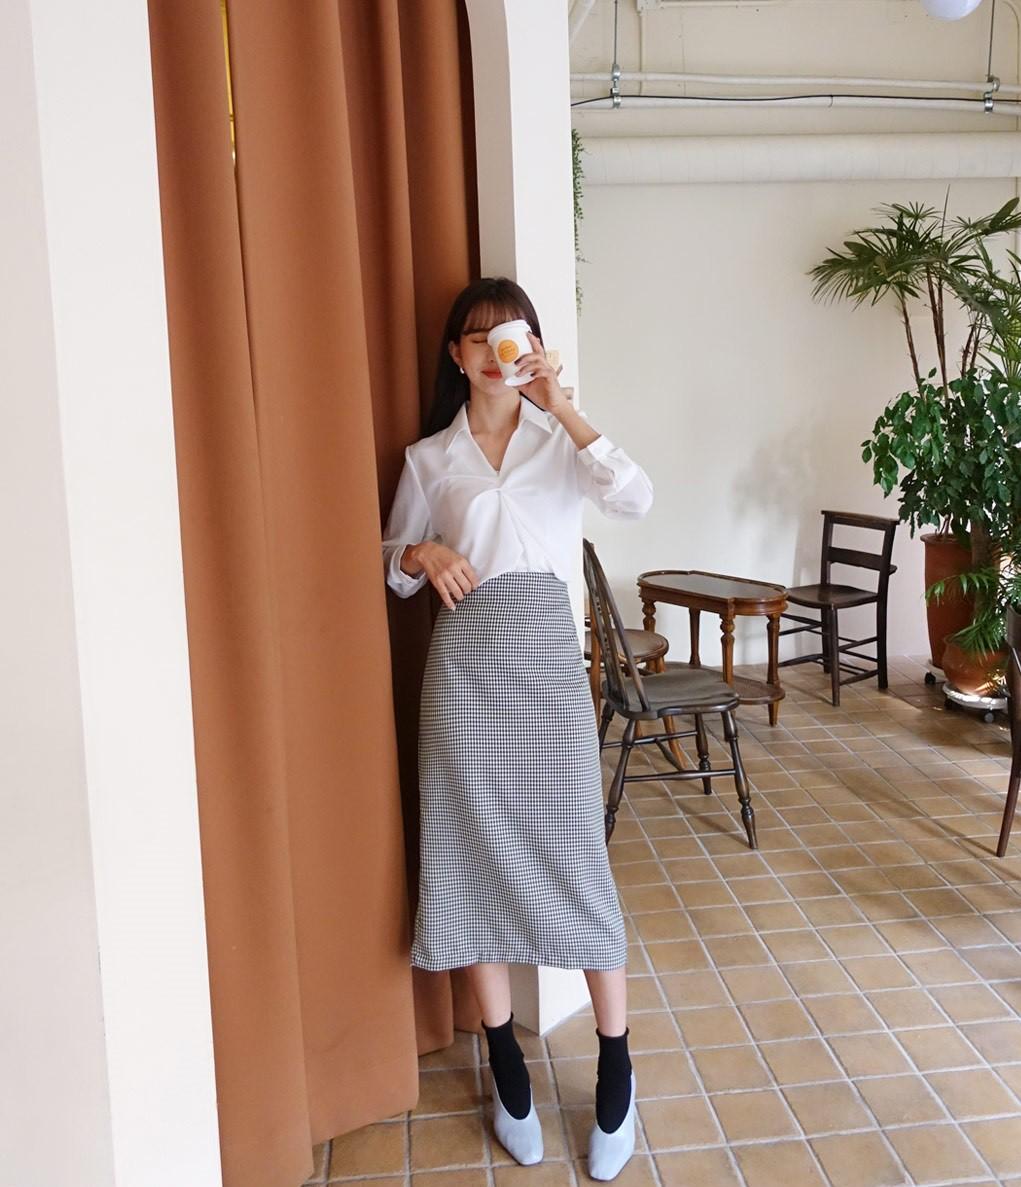 Chuyên nghiệp như chân váy bút chì nhưng không hề kén dáng, chân váy suông chính là item nàng công sở nên sắm ngay - Ảnh 4